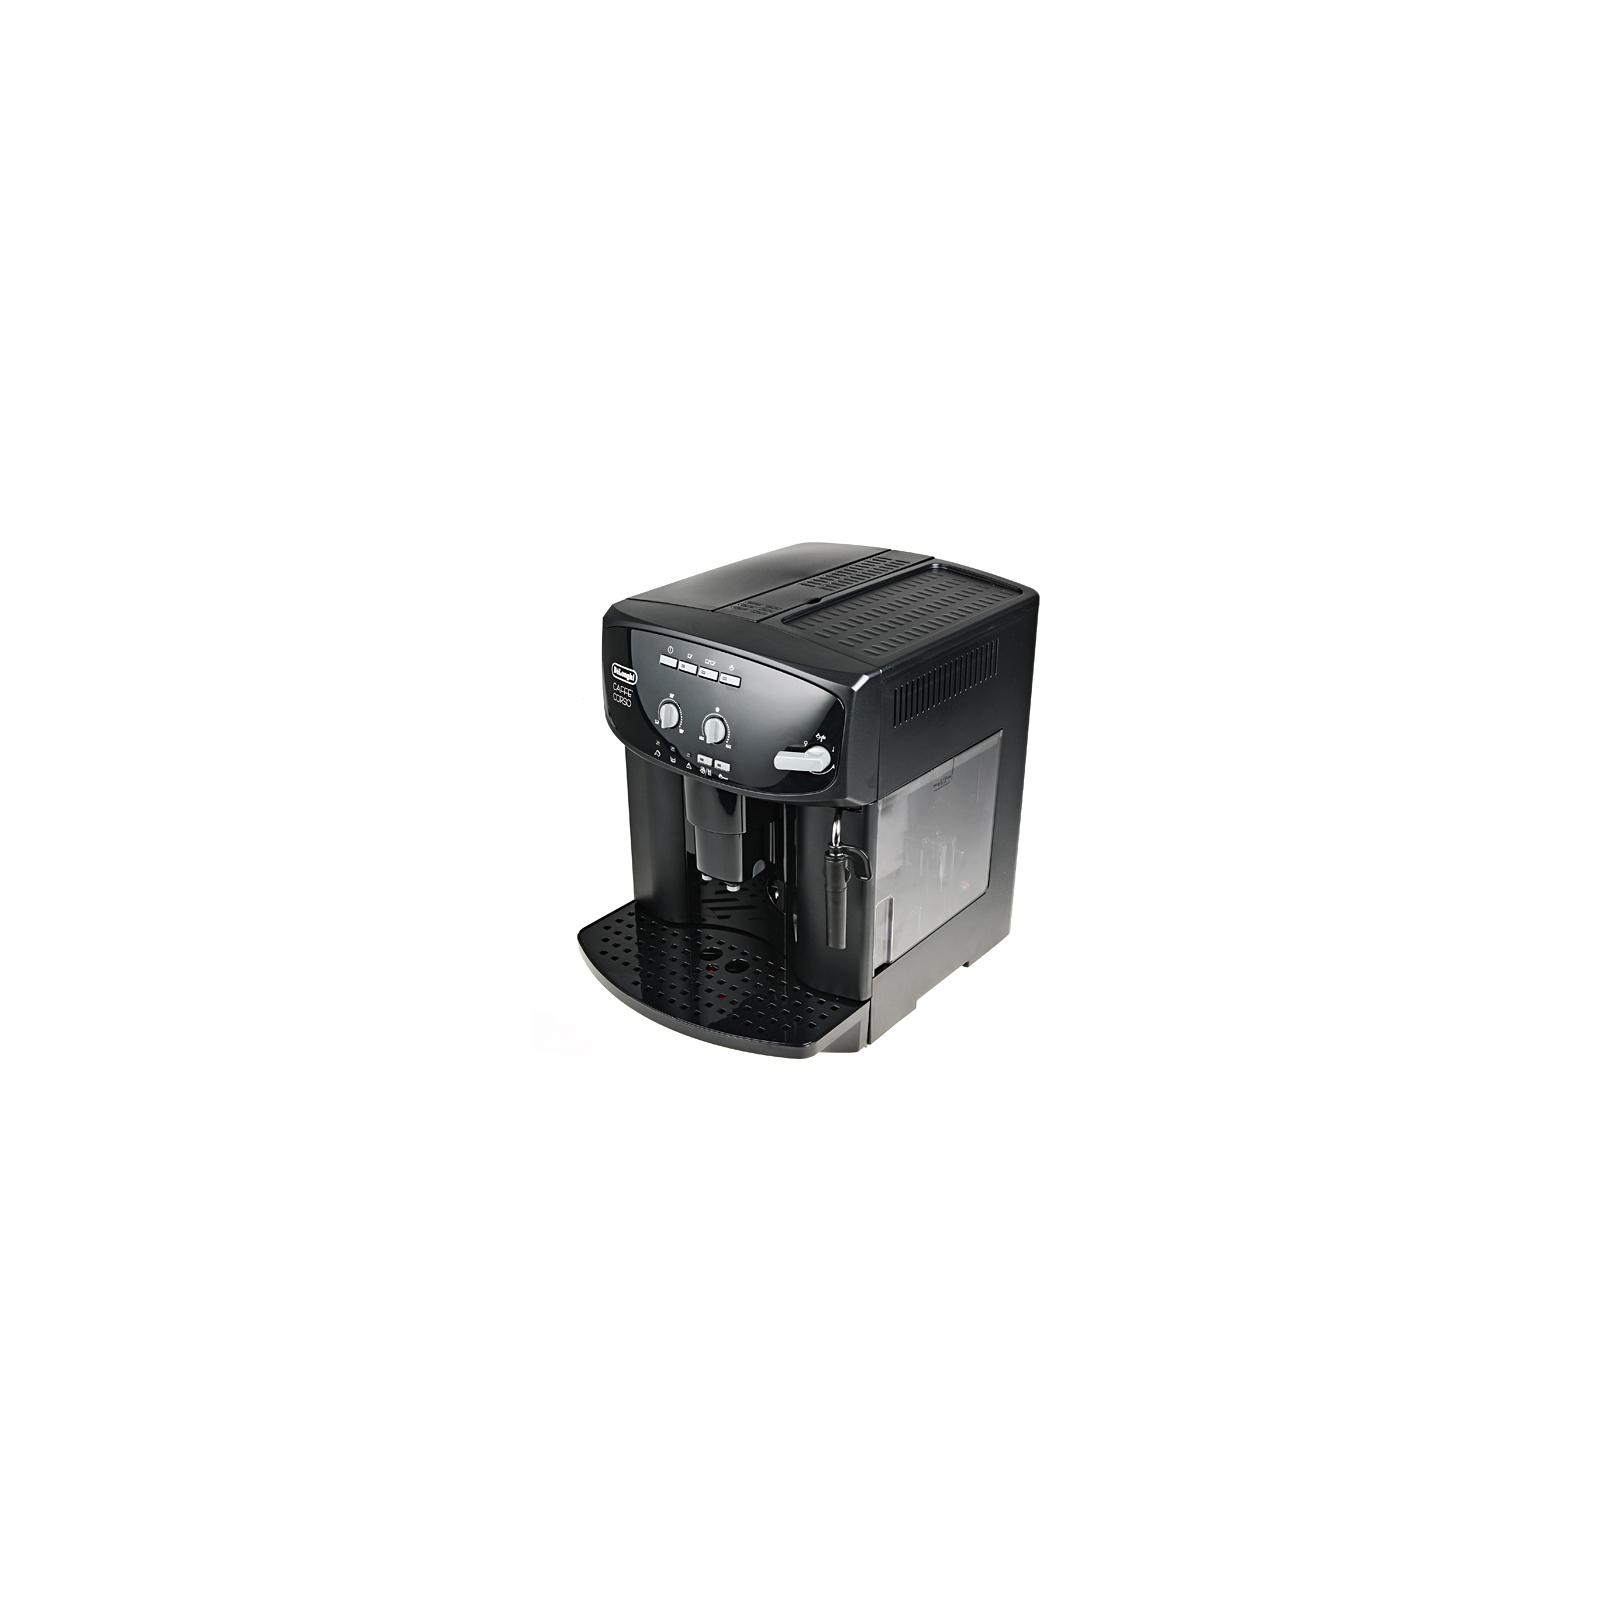 Кофеварка DeLonghi ESAM 2600 (ESAM2600) изображение 2